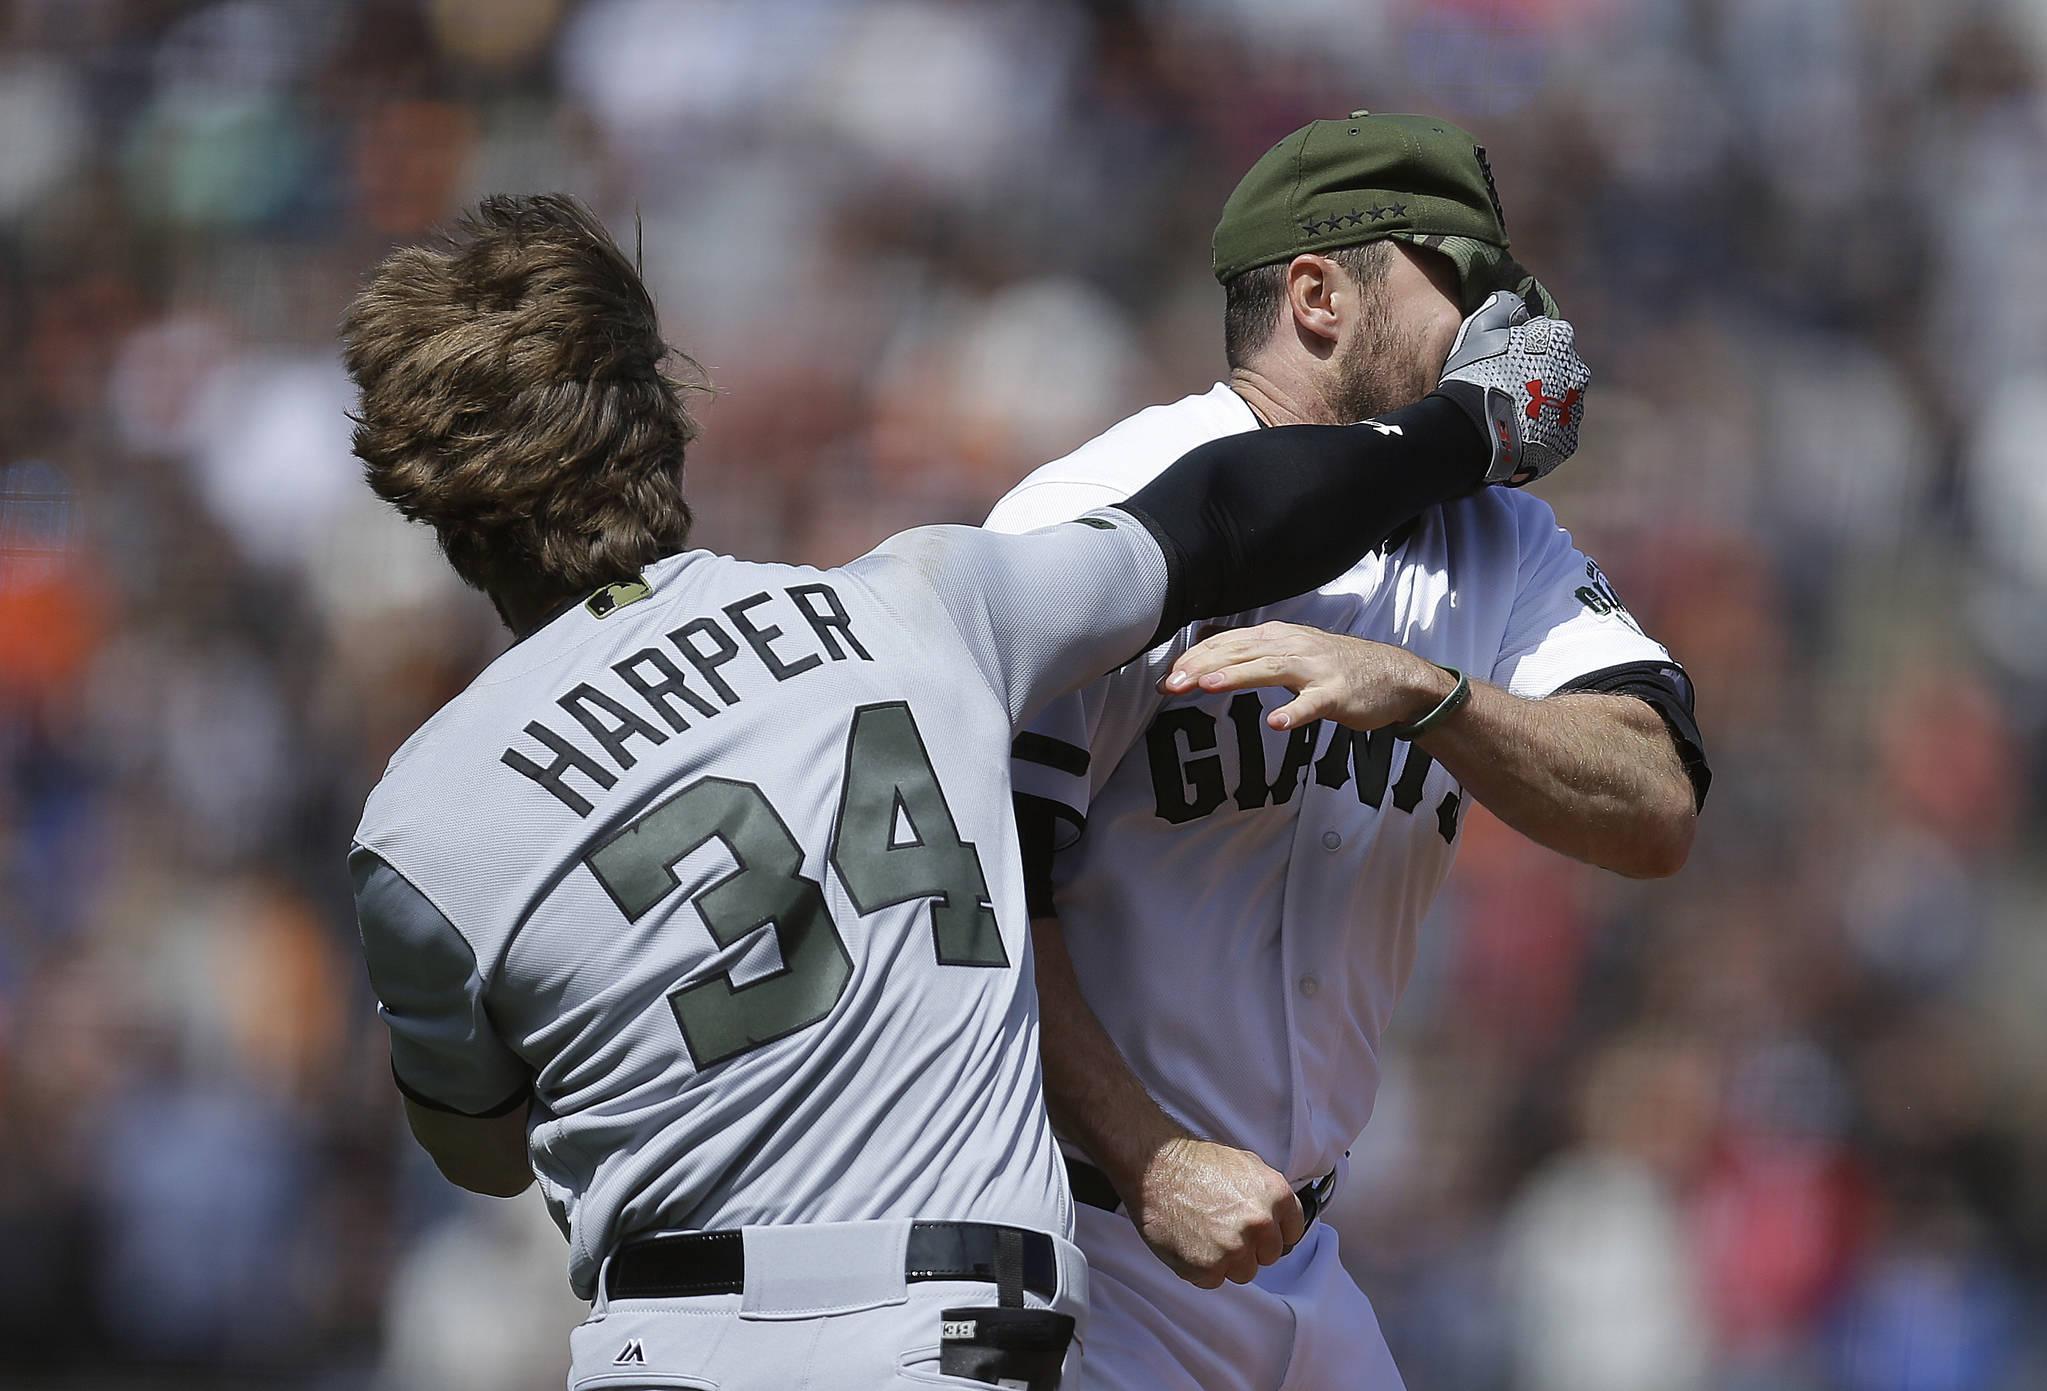 30일(한국시각) 미국 캘리포니아주 샌프란시스코 AT&T 파크에서 열린 2017 메이저리그 경기에서 워싱턴 브라이스 하퍼(왼쪽)가 샌프란시스코 헌터 스트릭랜드와 난투극을 벌이고 있다. [AP=연합뉴스]